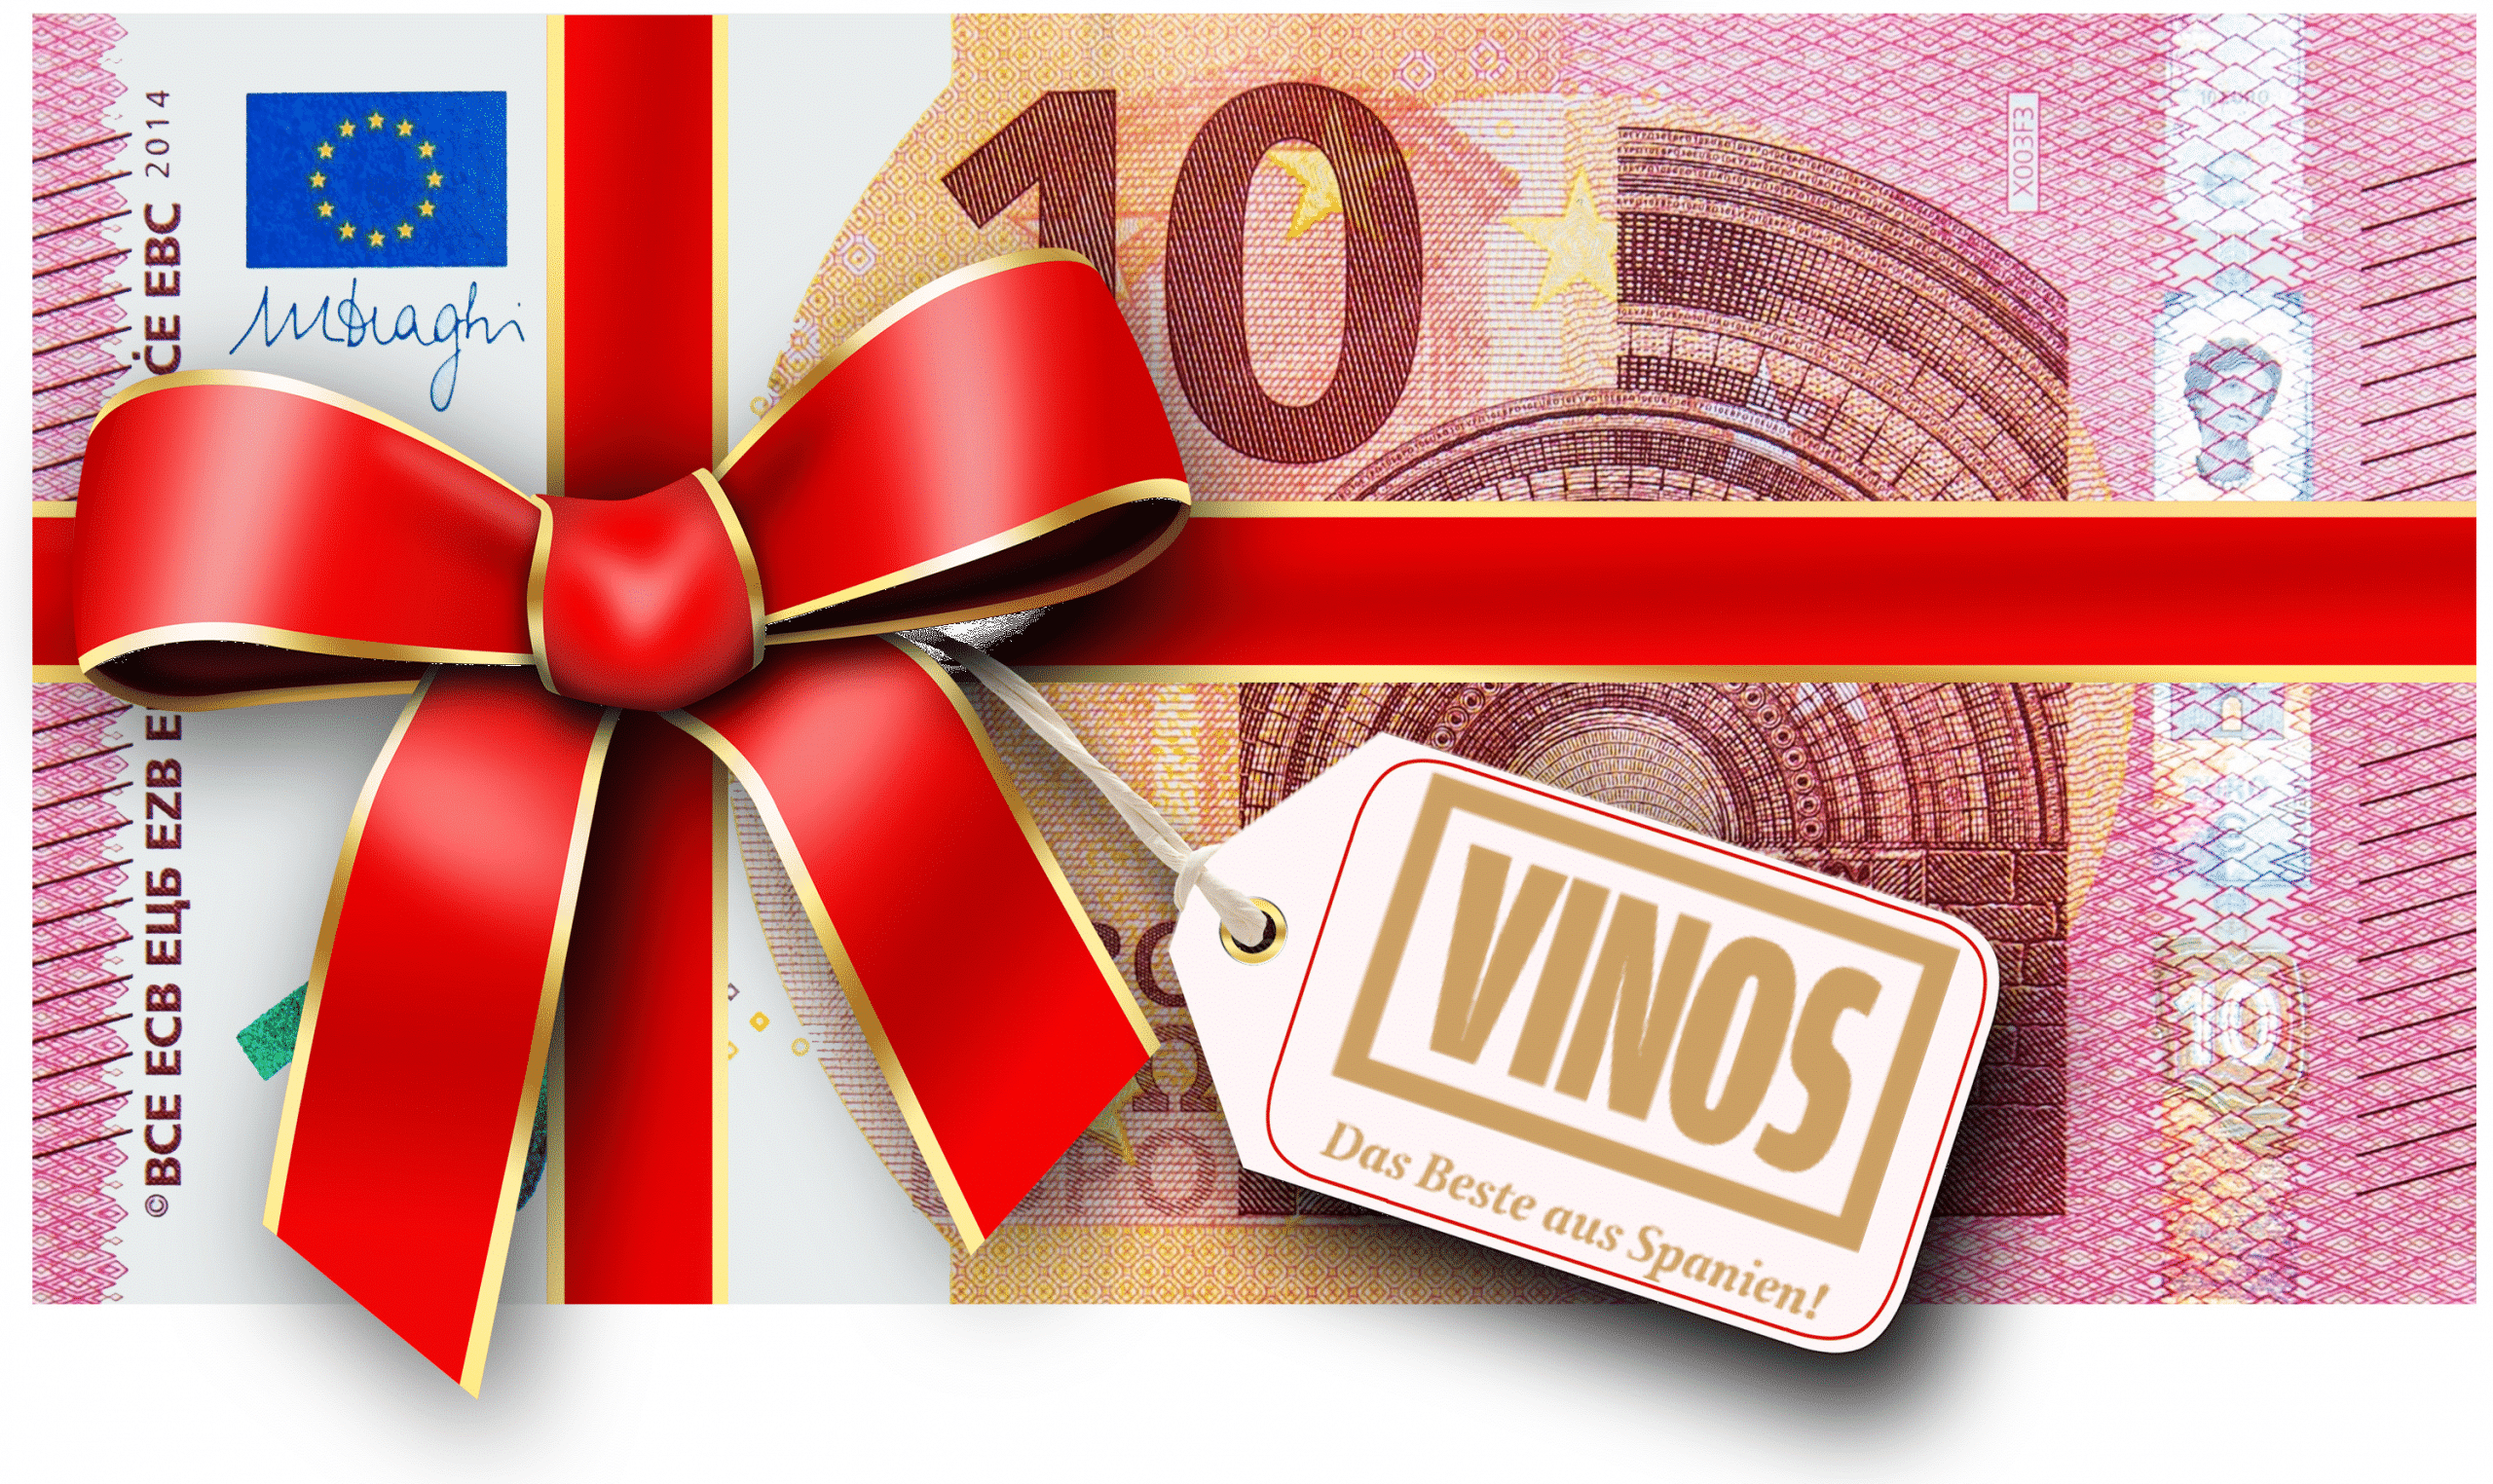 Vinos Gutschein 10 Euro